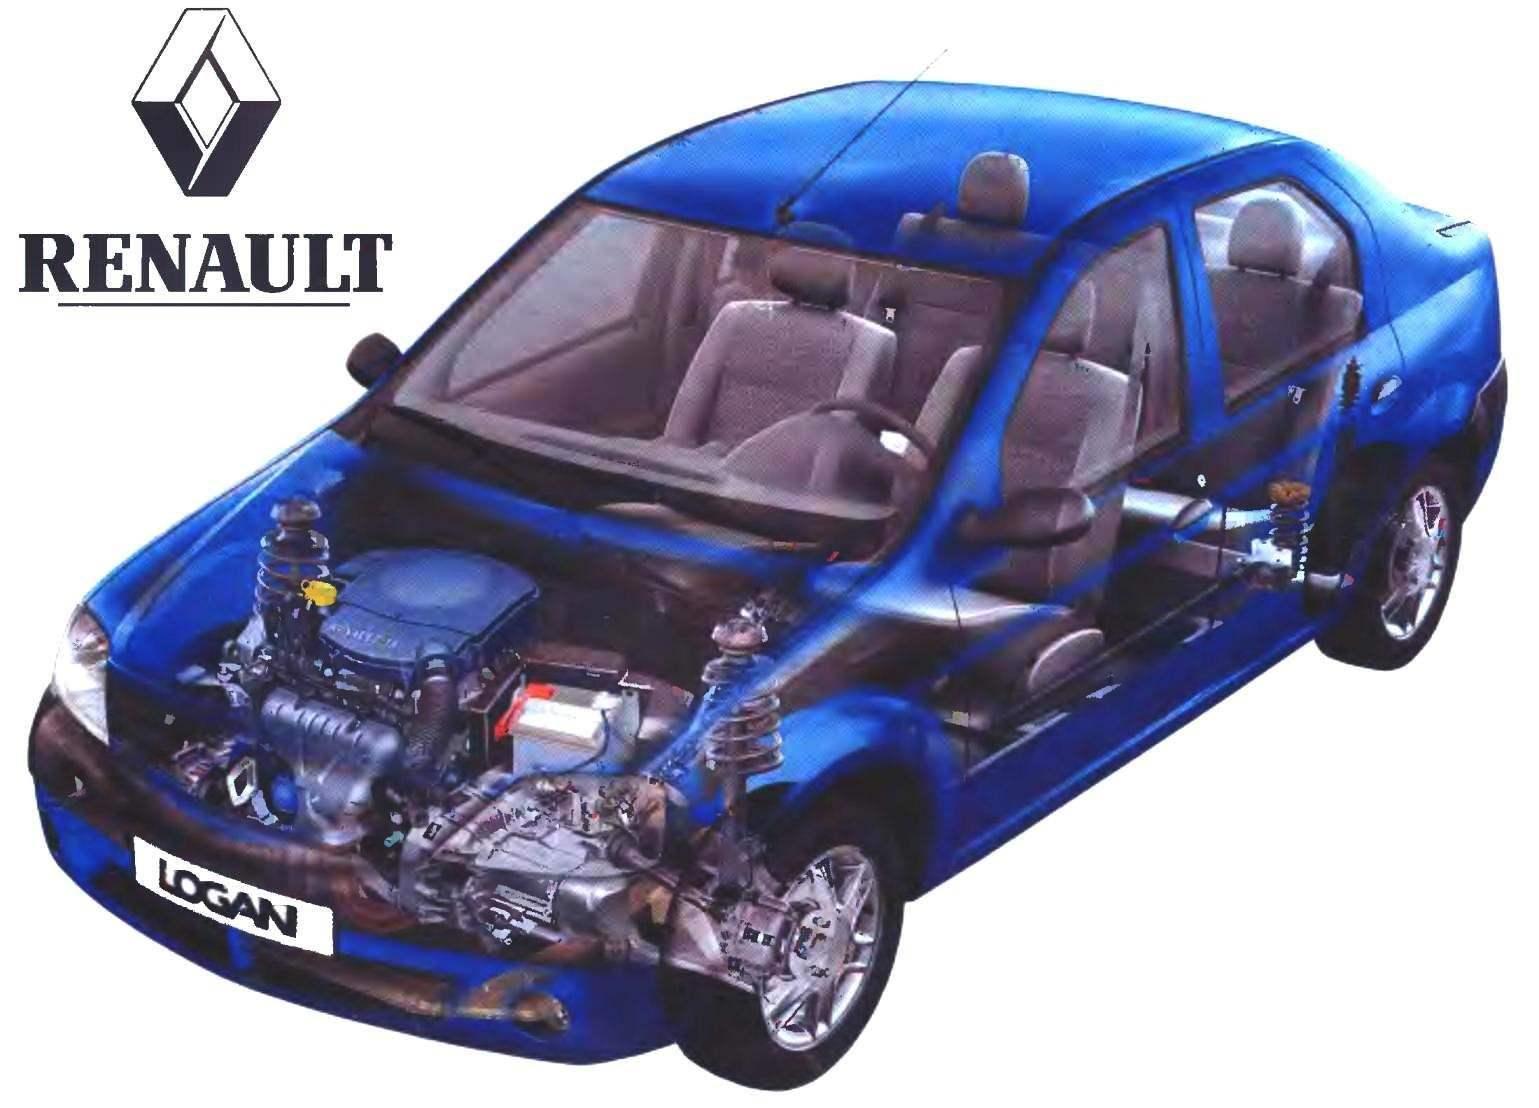 По итогам продаж иномарок седан Renault Logan класса гольф уверенно занимает второе место, уступая лишь автомобилю Ford Focus. Судя по темпам роста производства популярных легковушек на совместном советско-французском предприятии «Автофрамос», до первого места иномарке из Москвы - рукой подать